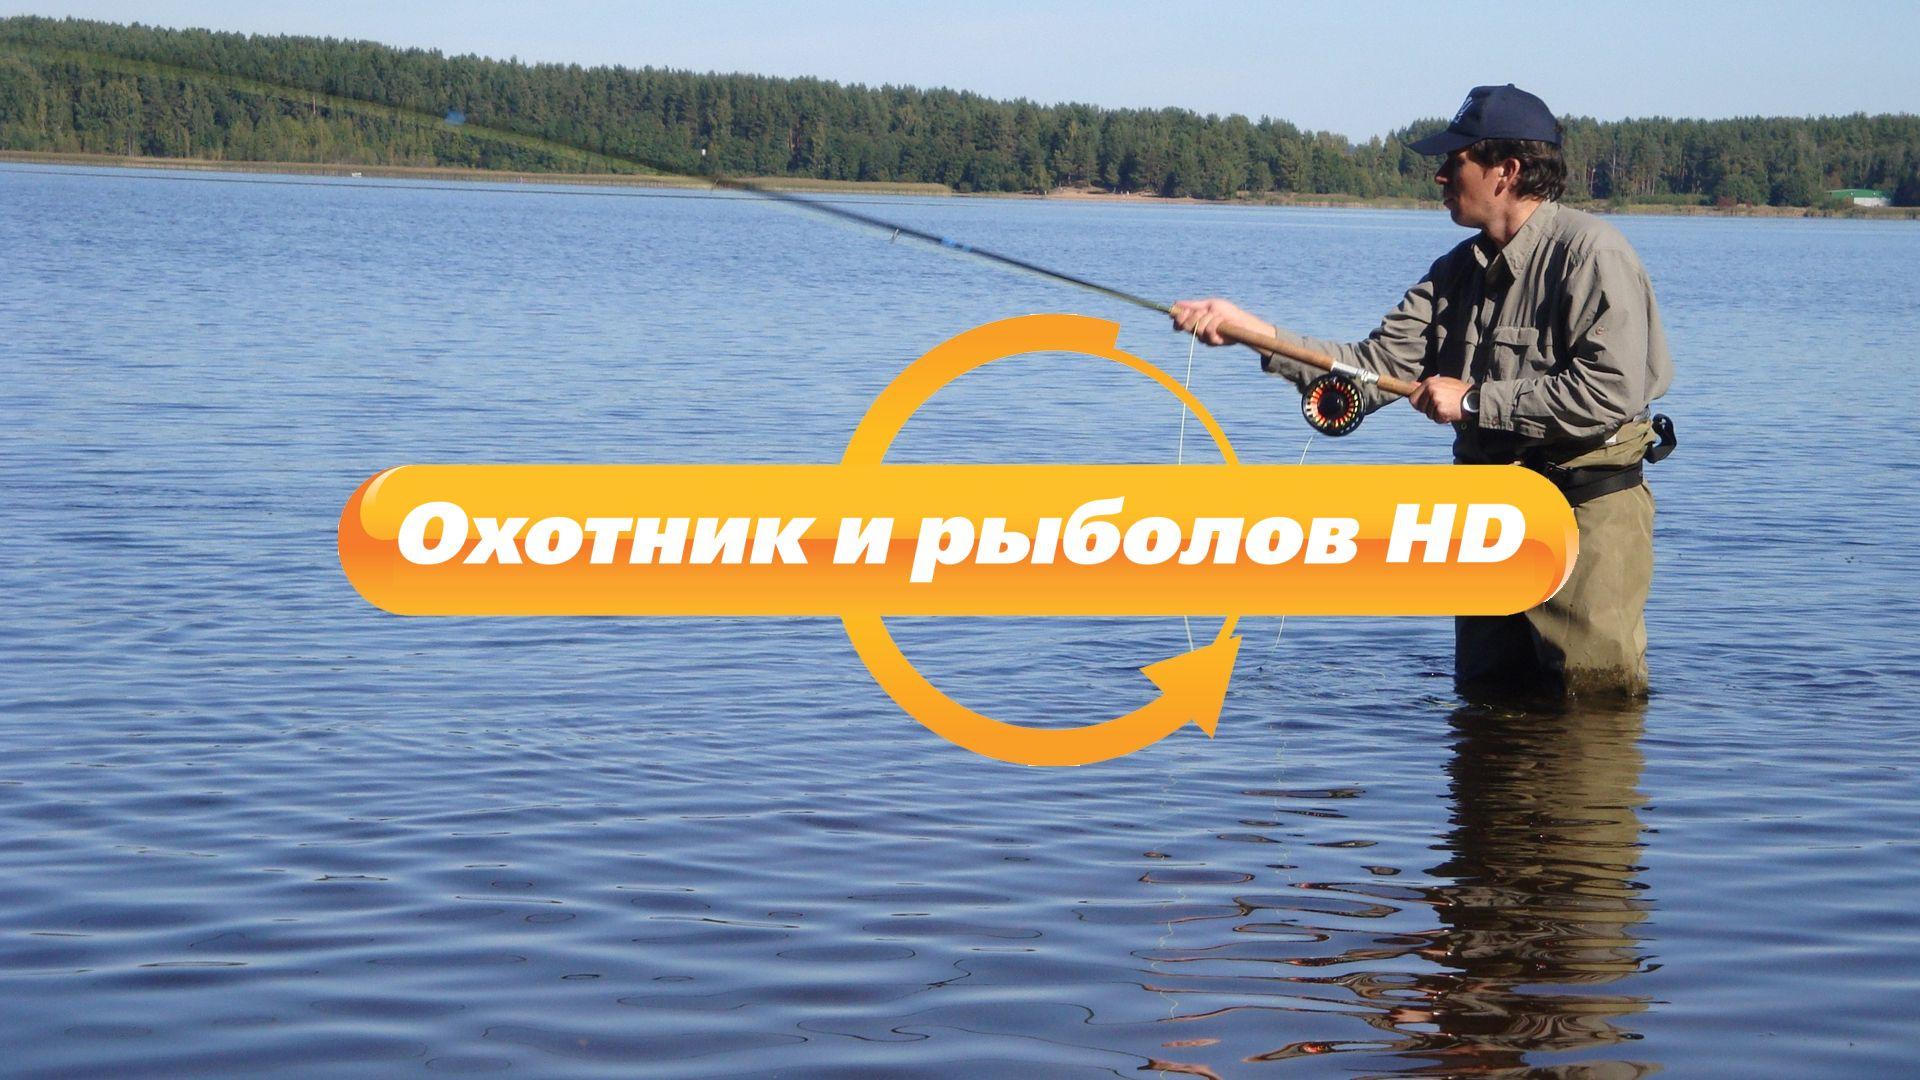 Русский канал «Охотник ирыболов» оказался под запретом вгосударстве Украина